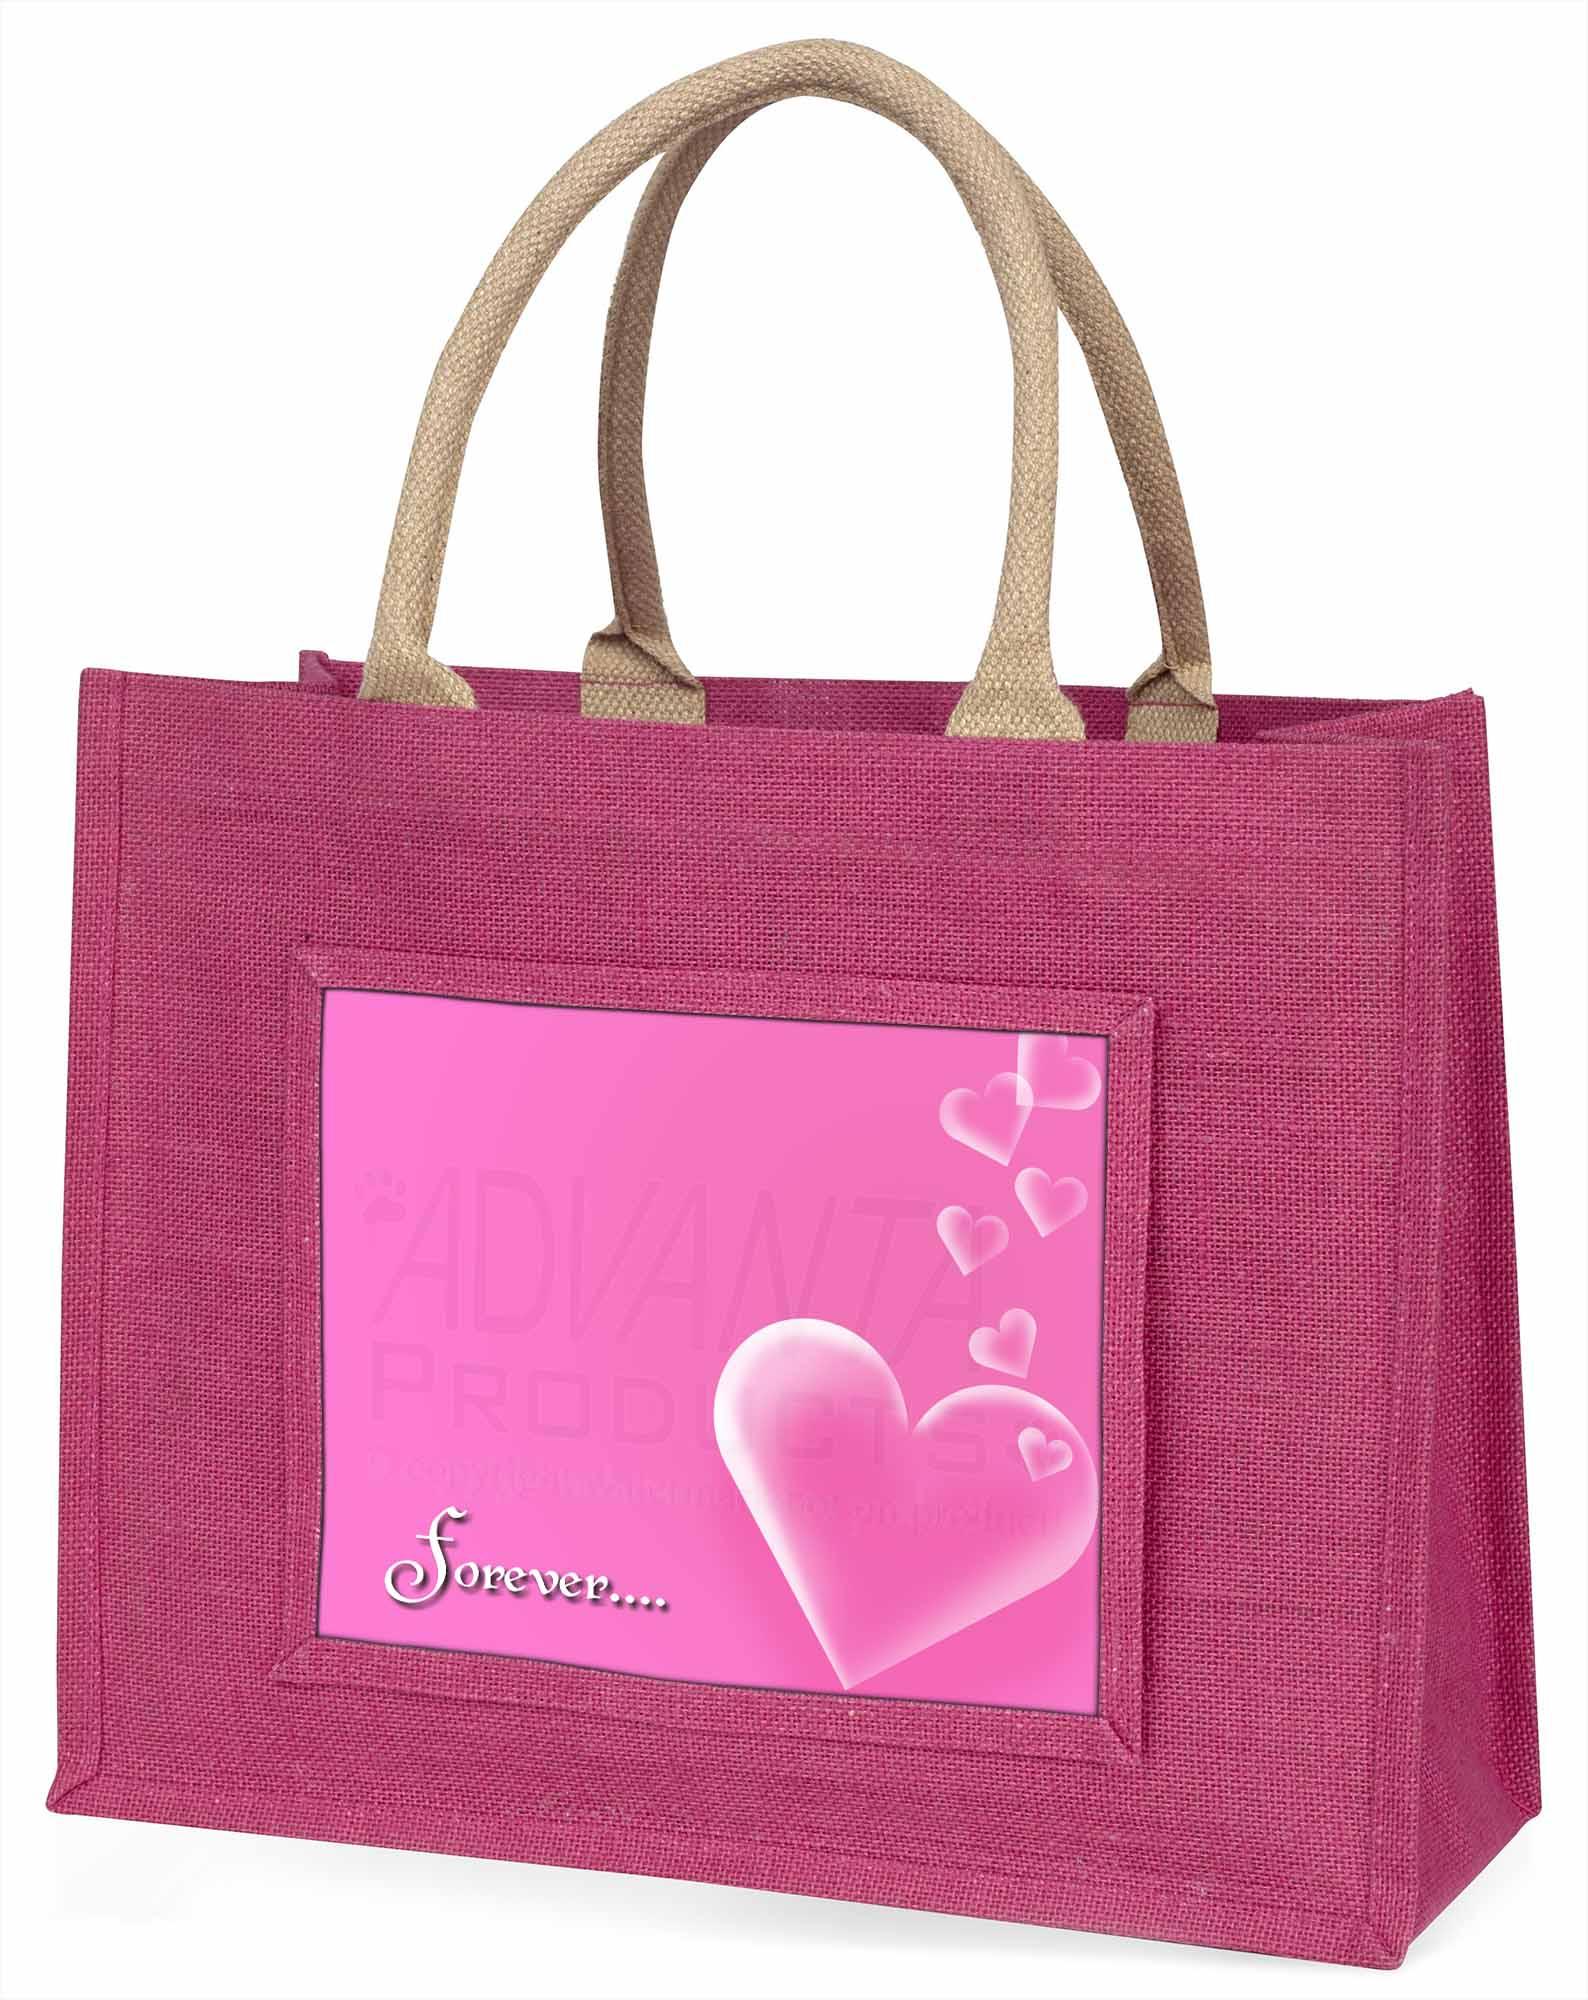 rosa Herzen 'Forever' Stimmung große Einkaufstasche WEIHNACHTEN vor, love-2blp